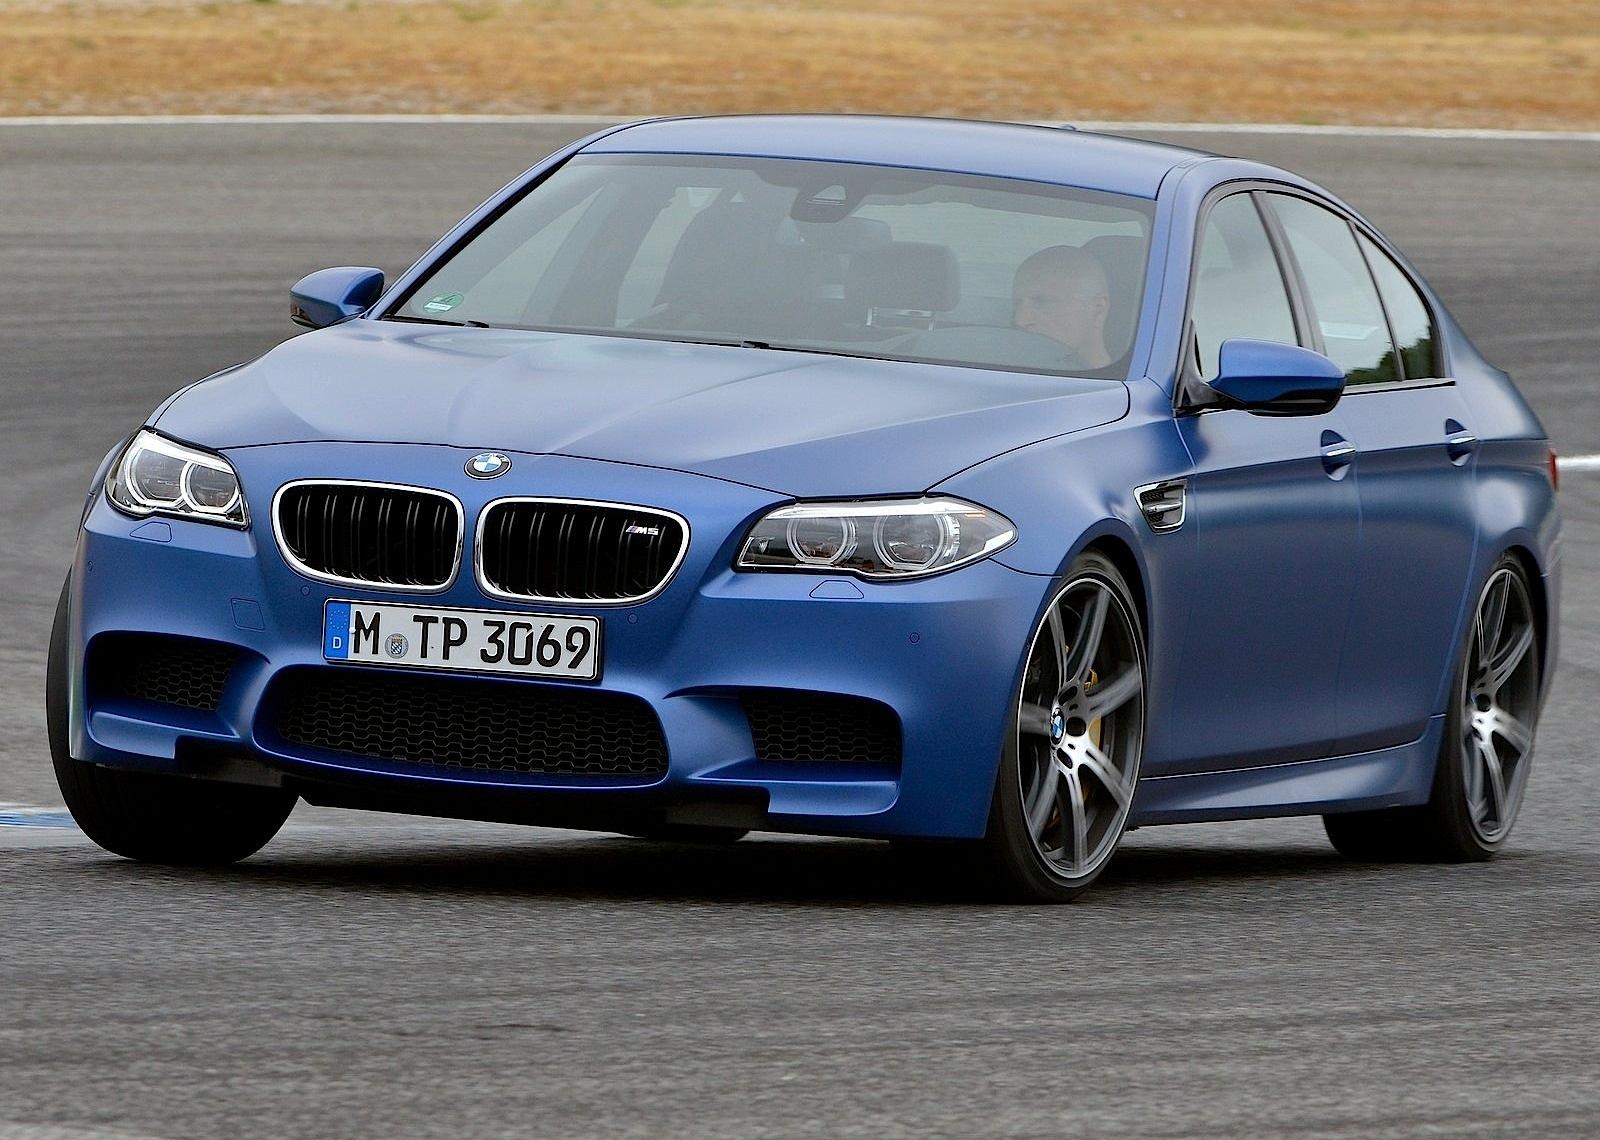 Die ebenfalls im sommer startenden hochleistungsvarianten m competition werden wie bisher von einem reihensechszylinder mit 375 kw/510 ps mit. BMW M5 (F10) LCI specs & photos - 2013, 2014, 2015, 2016